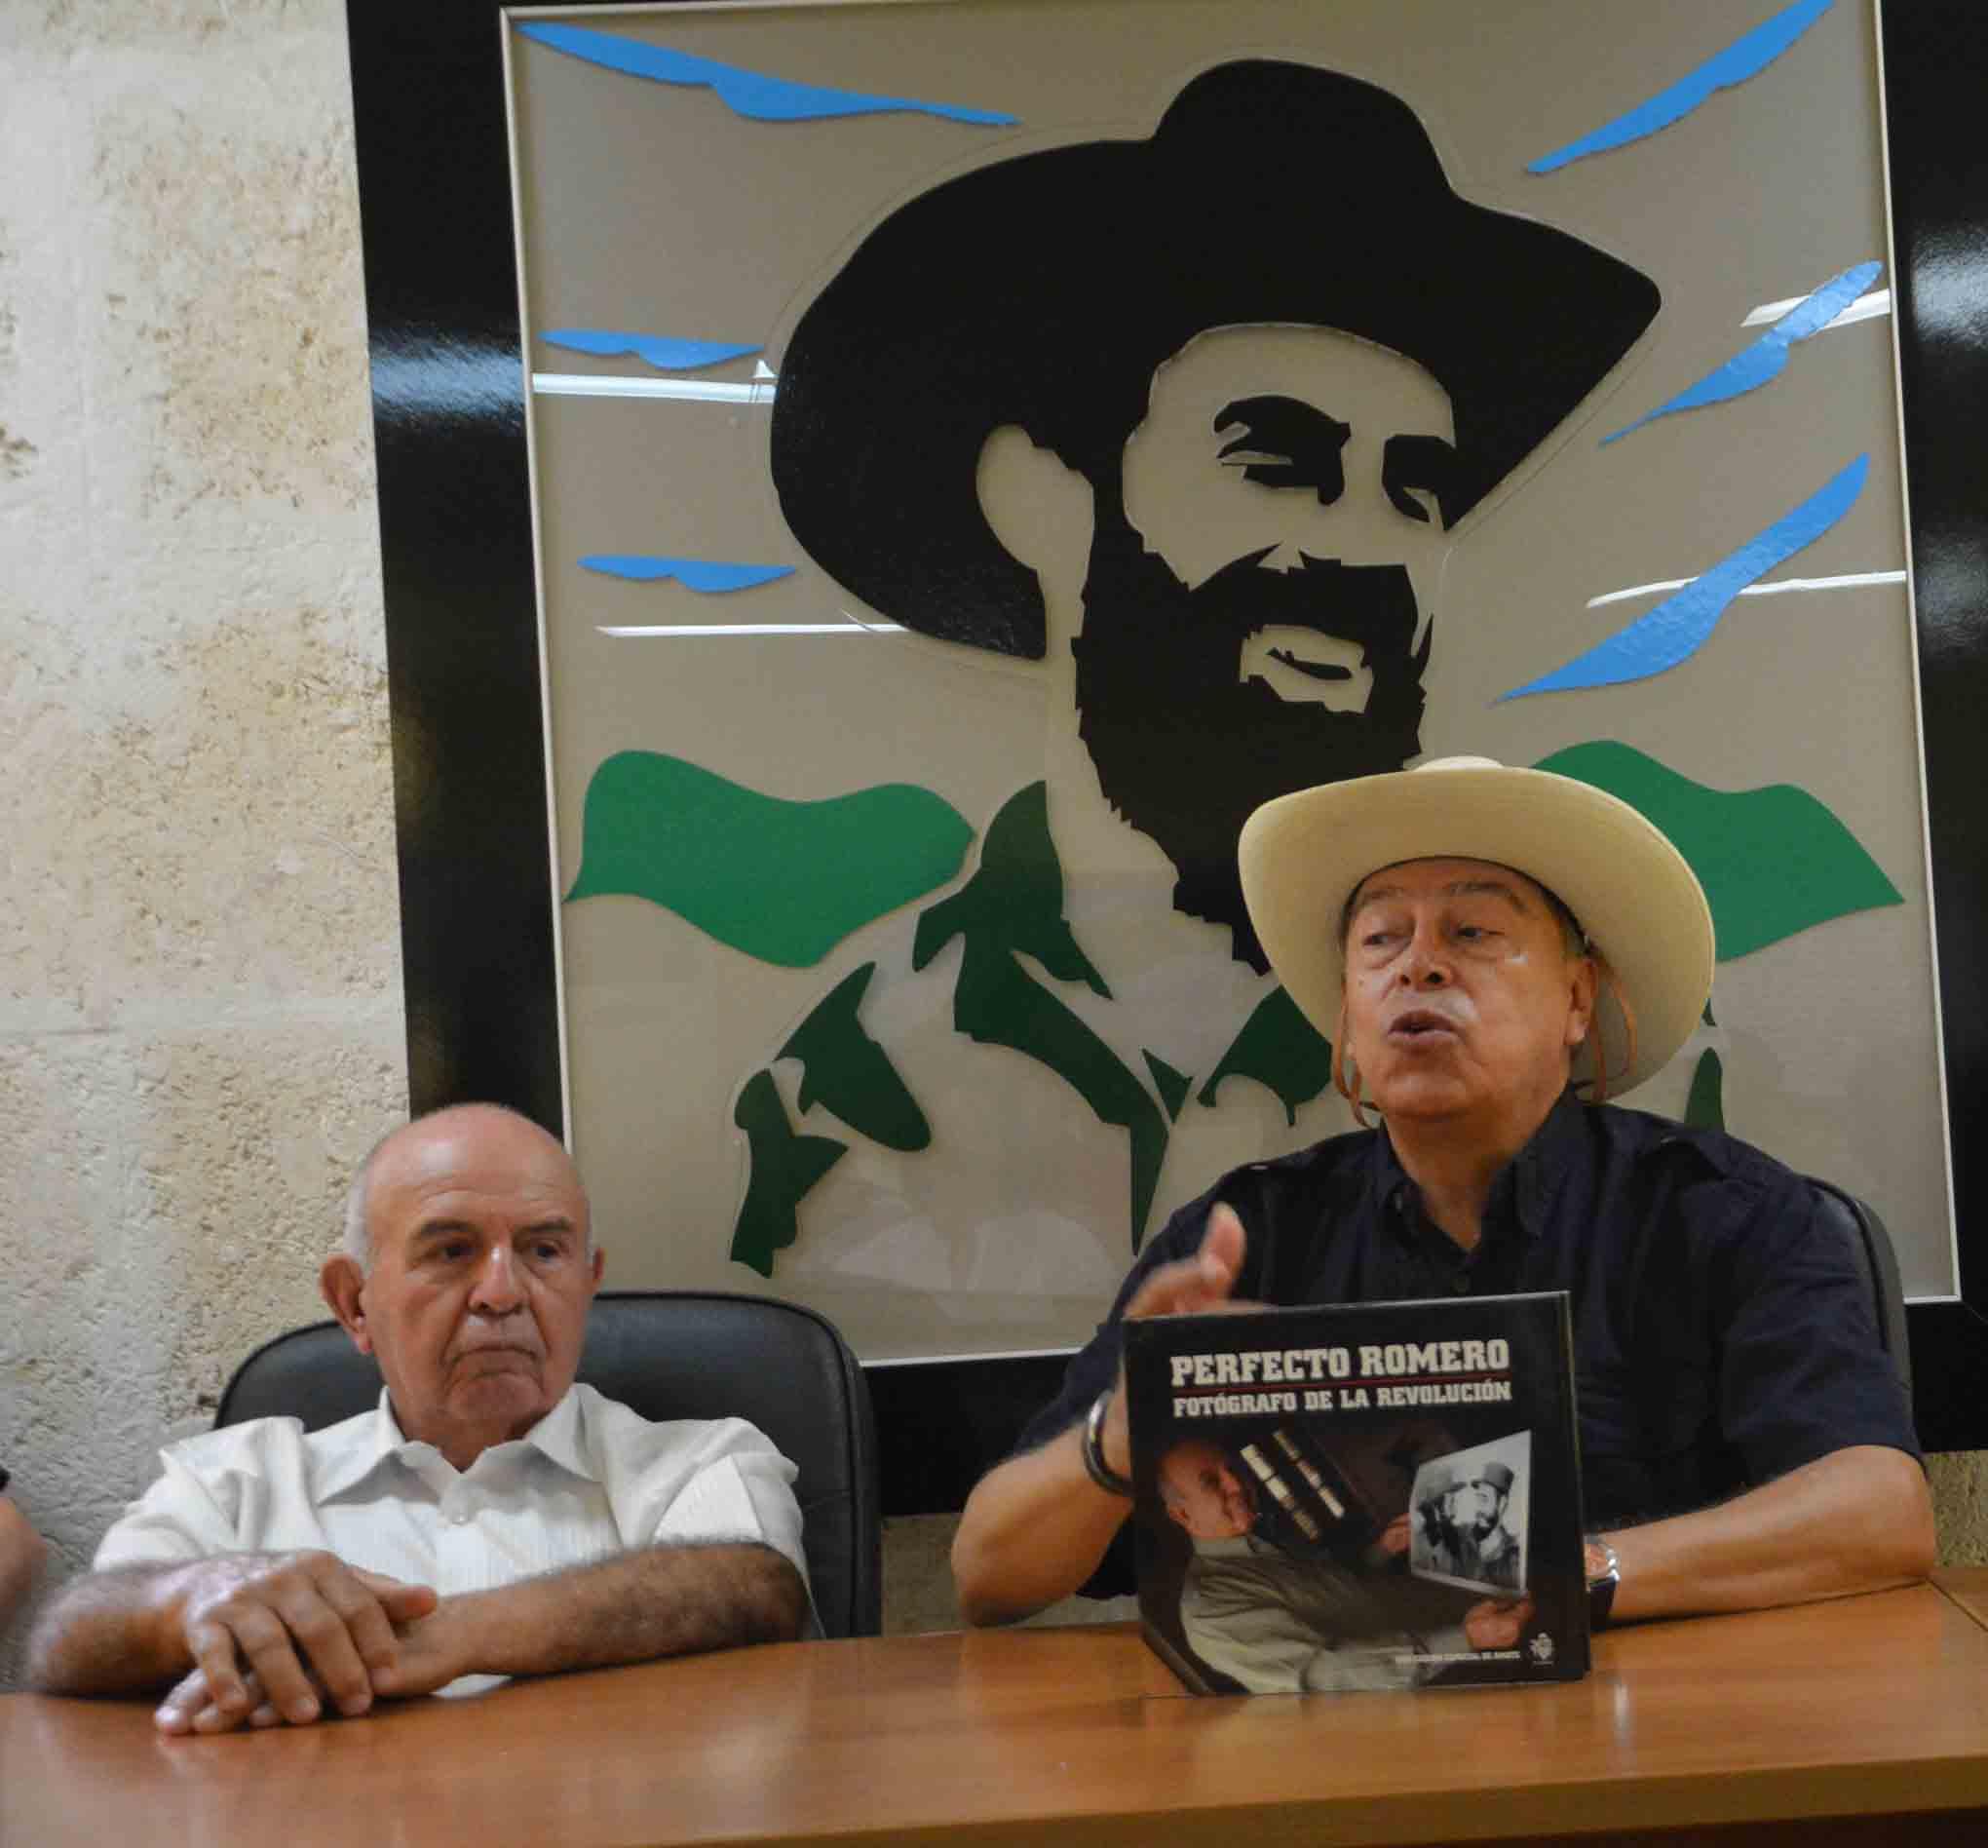 Junto al documental, fue presentado un libro también dedicado a Perfecto Romero. (Foto: Oscar Alfonso)